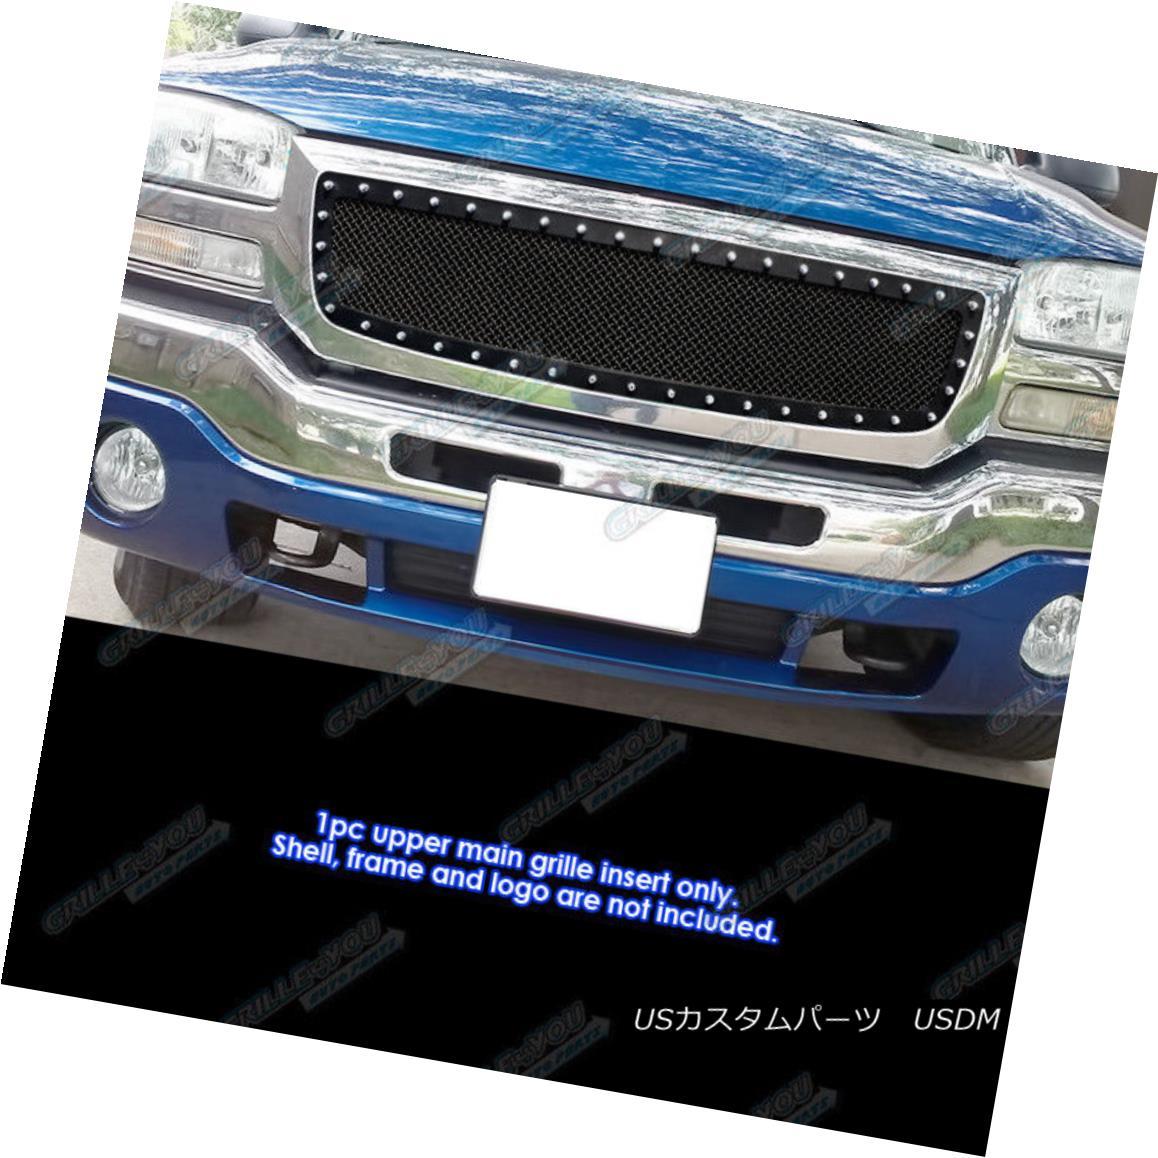 グリル Fits 2003-2006 GMC Sierra 1500 W/Logo Covered Stainless Black Rivet Mesh Grille 2003-2006 GMC Sierra 1500 W / Logoでカバーされたステンレスブラックリベットメッシュグリルに適合